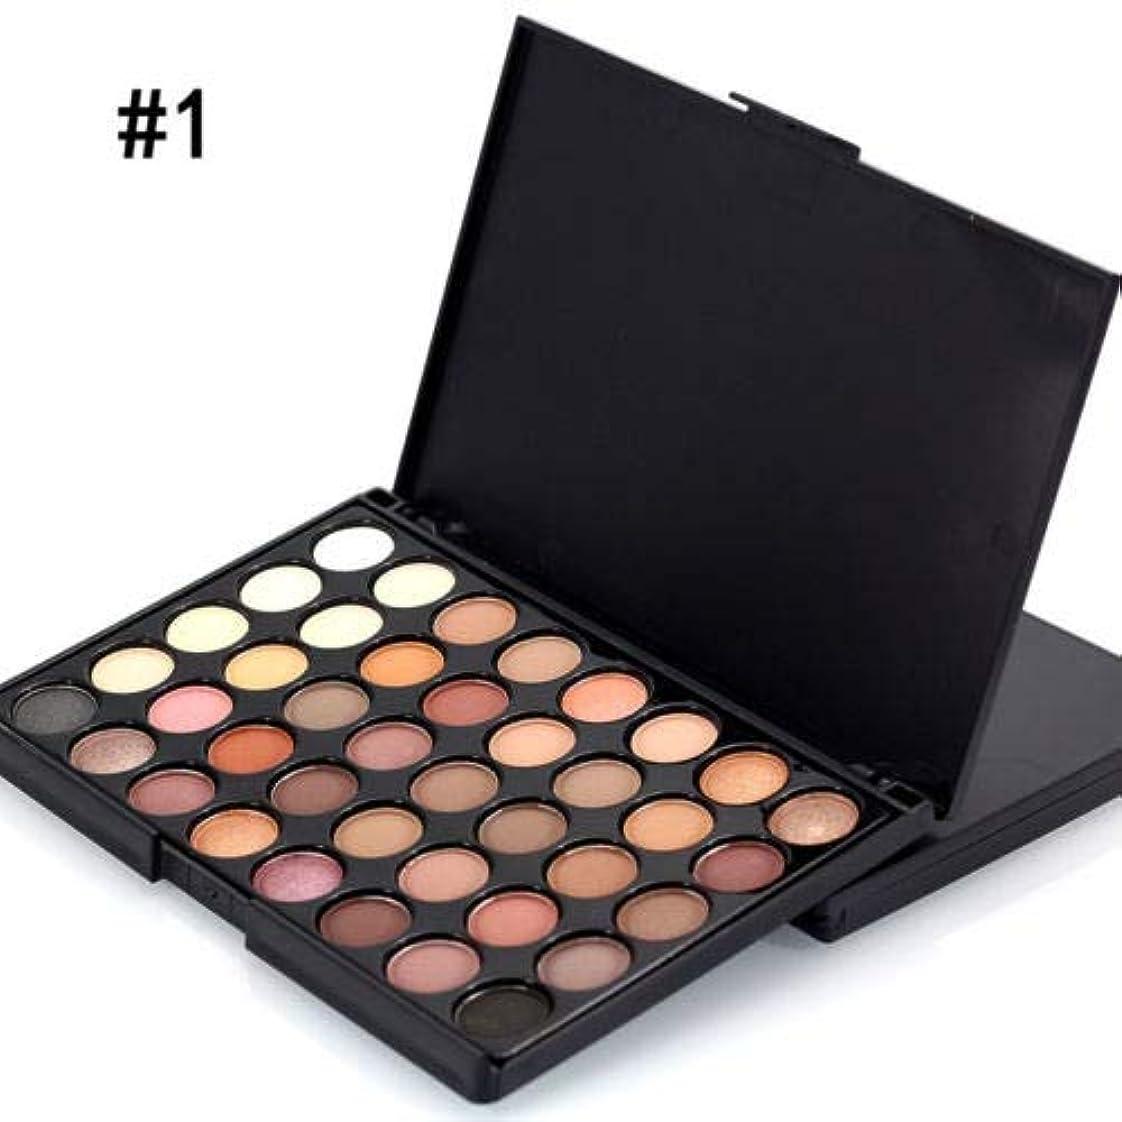 サイズ晴れ持続するFidgetGear 40色化粧品パウダーアイシャドーアイシャドーパレットメイクアップシマーセットマット #1